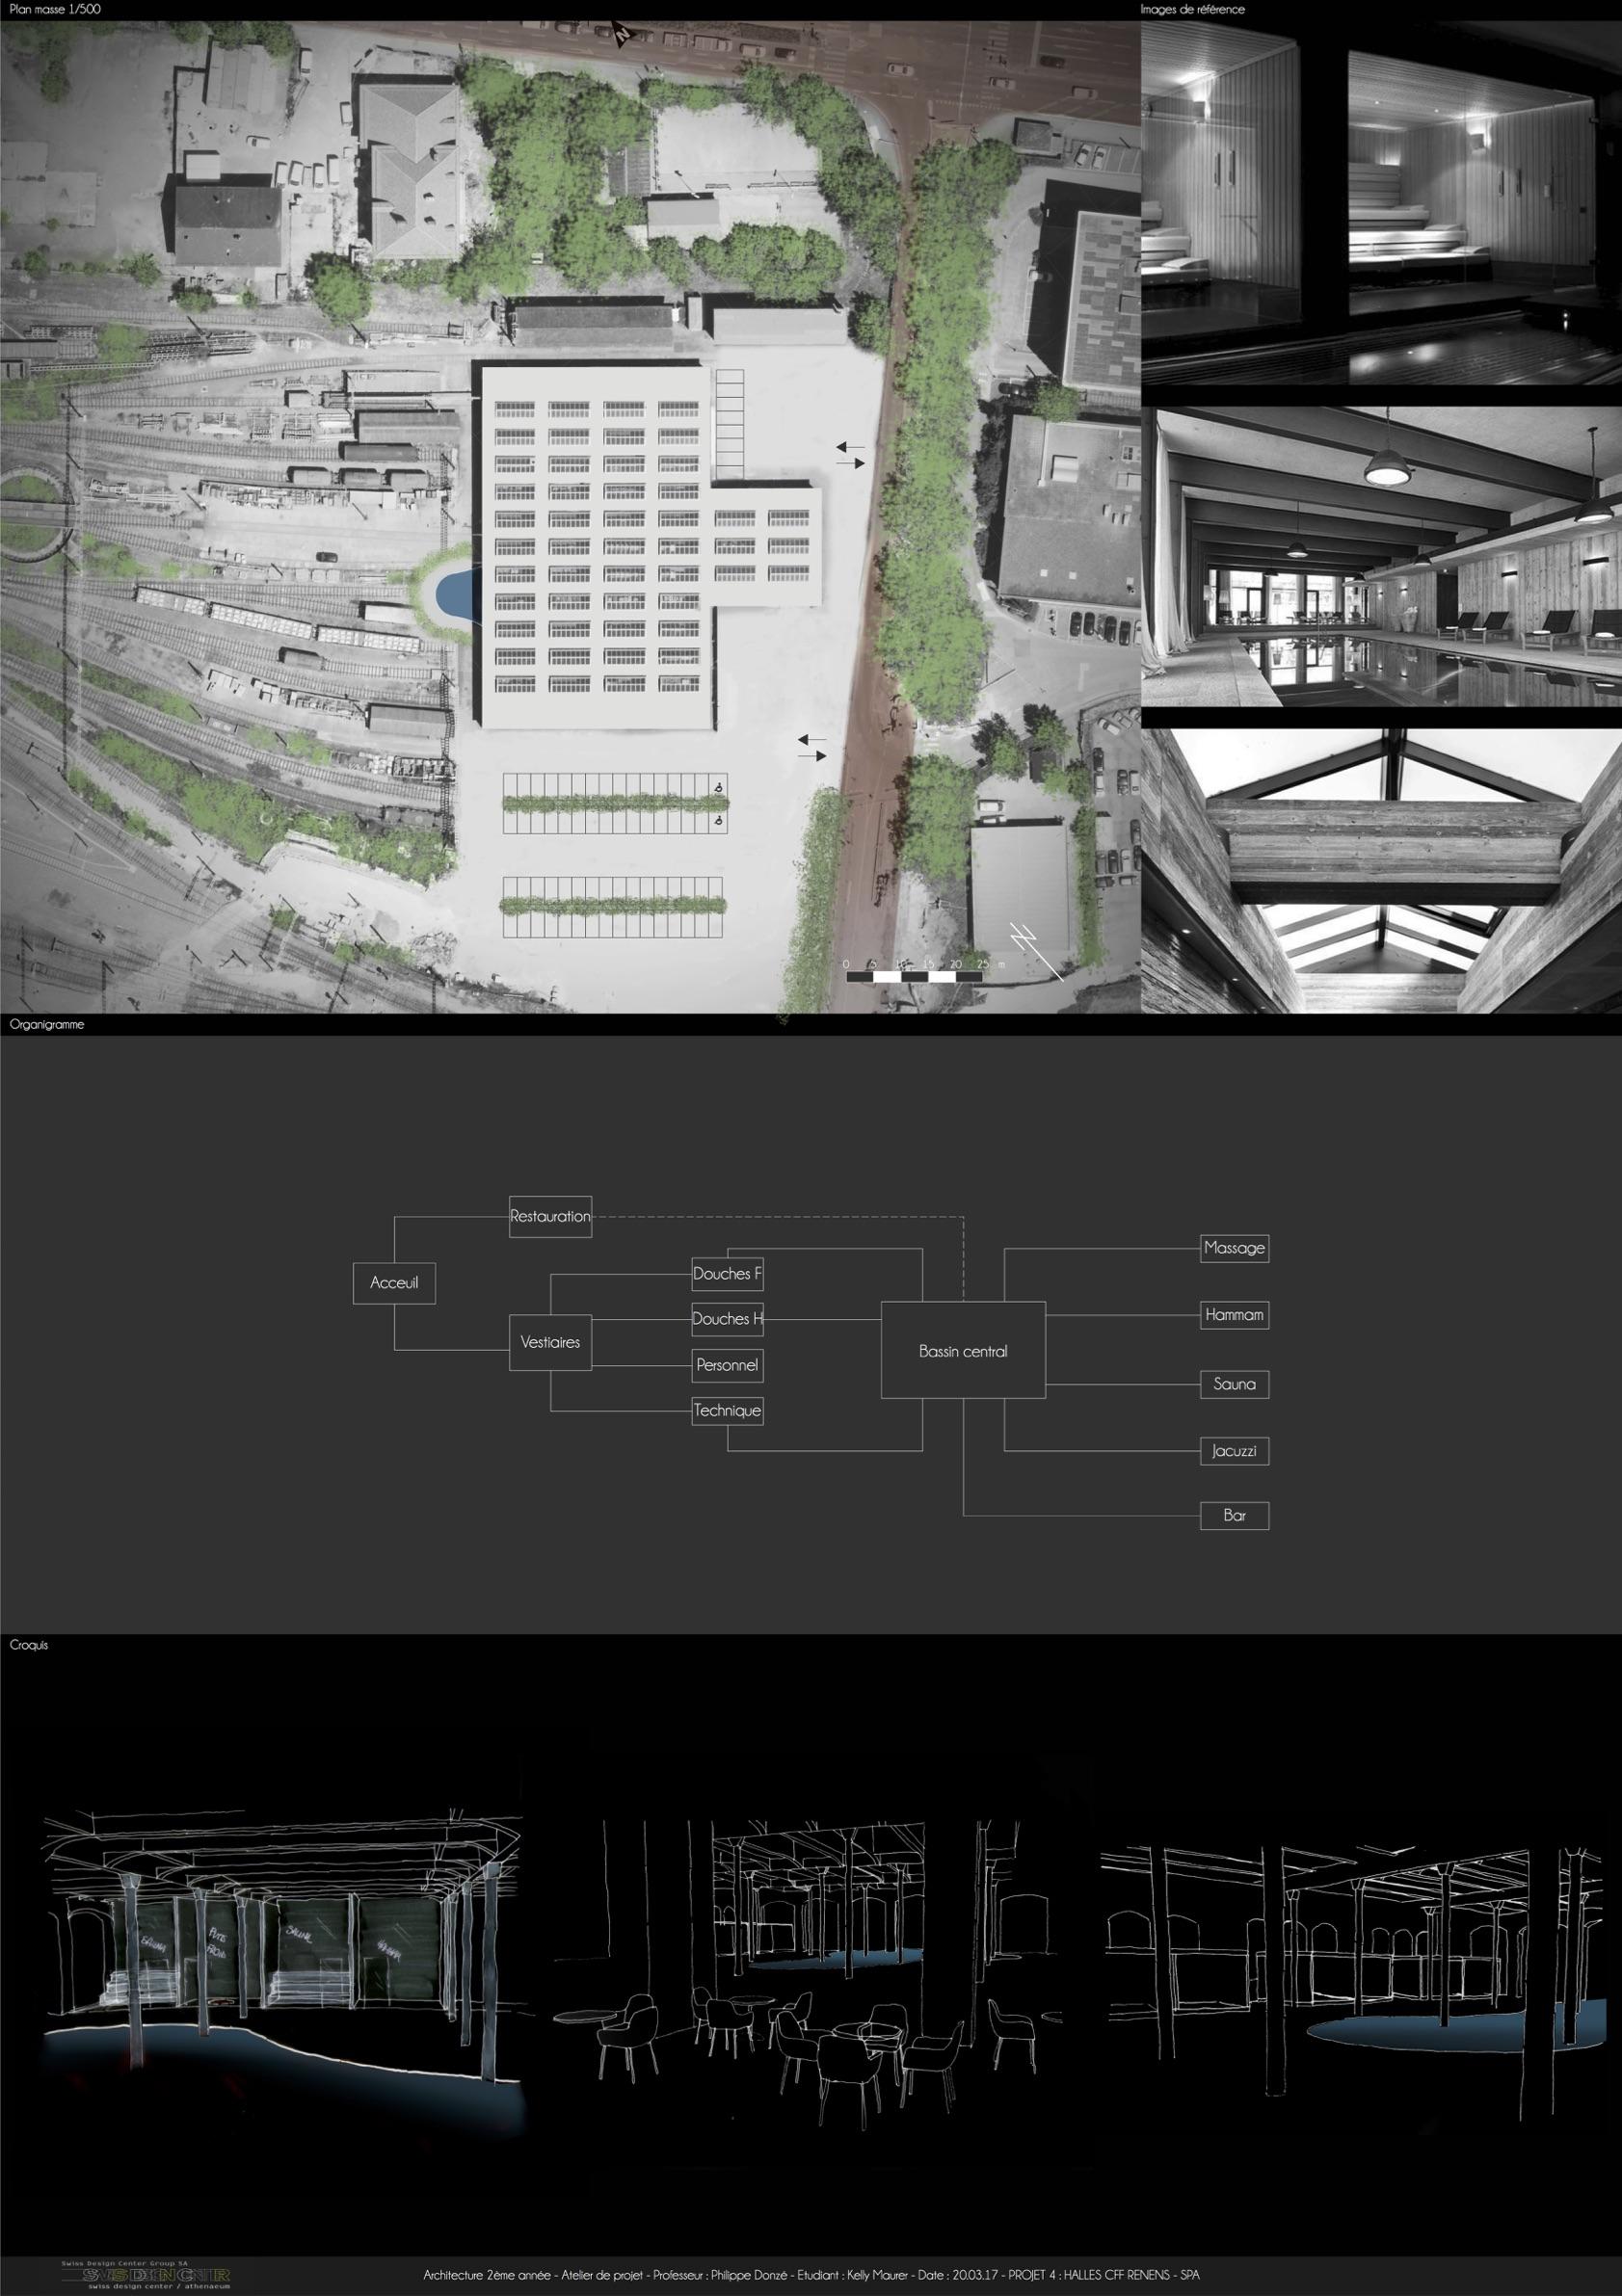 swiss design center cole d 39 architecture d 39 int rieur et design la halle cff de renens. Black Bedroom Furniture Sets. Home Design Ideas